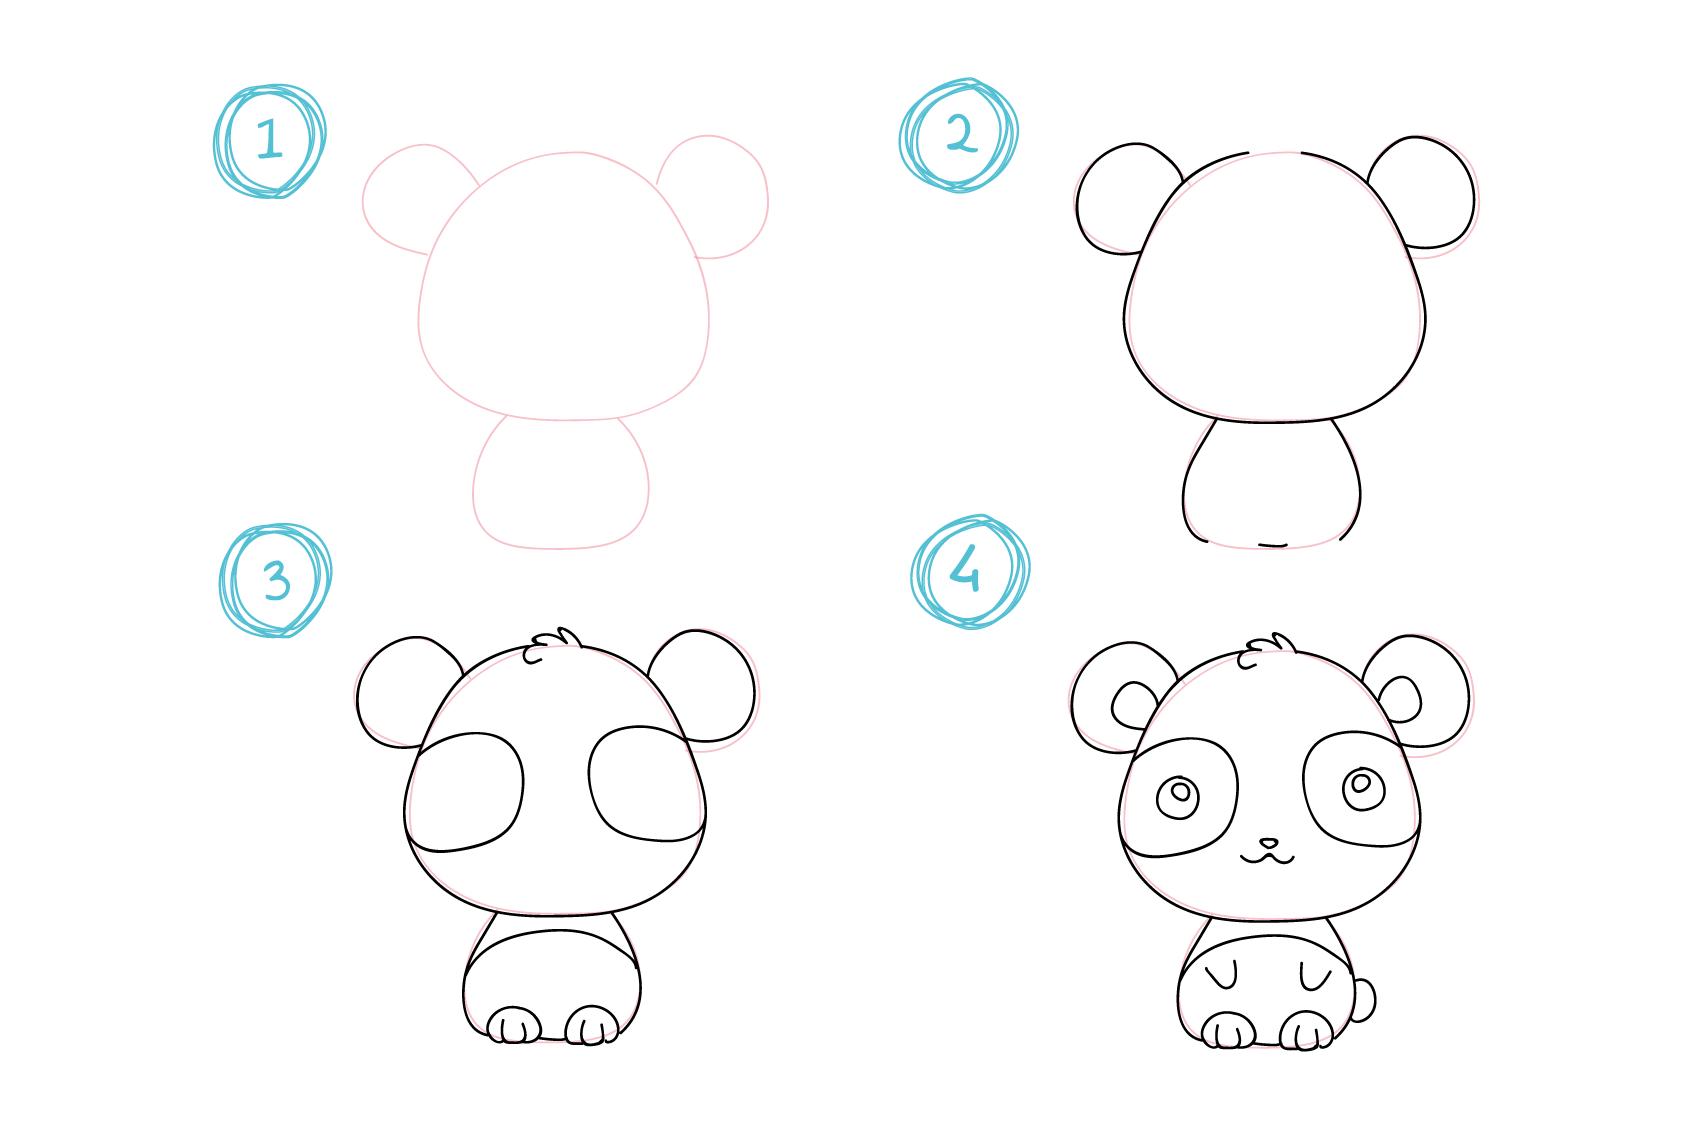 Disegni Da Colorare Per Bambini A Tema Kawaii Gatto